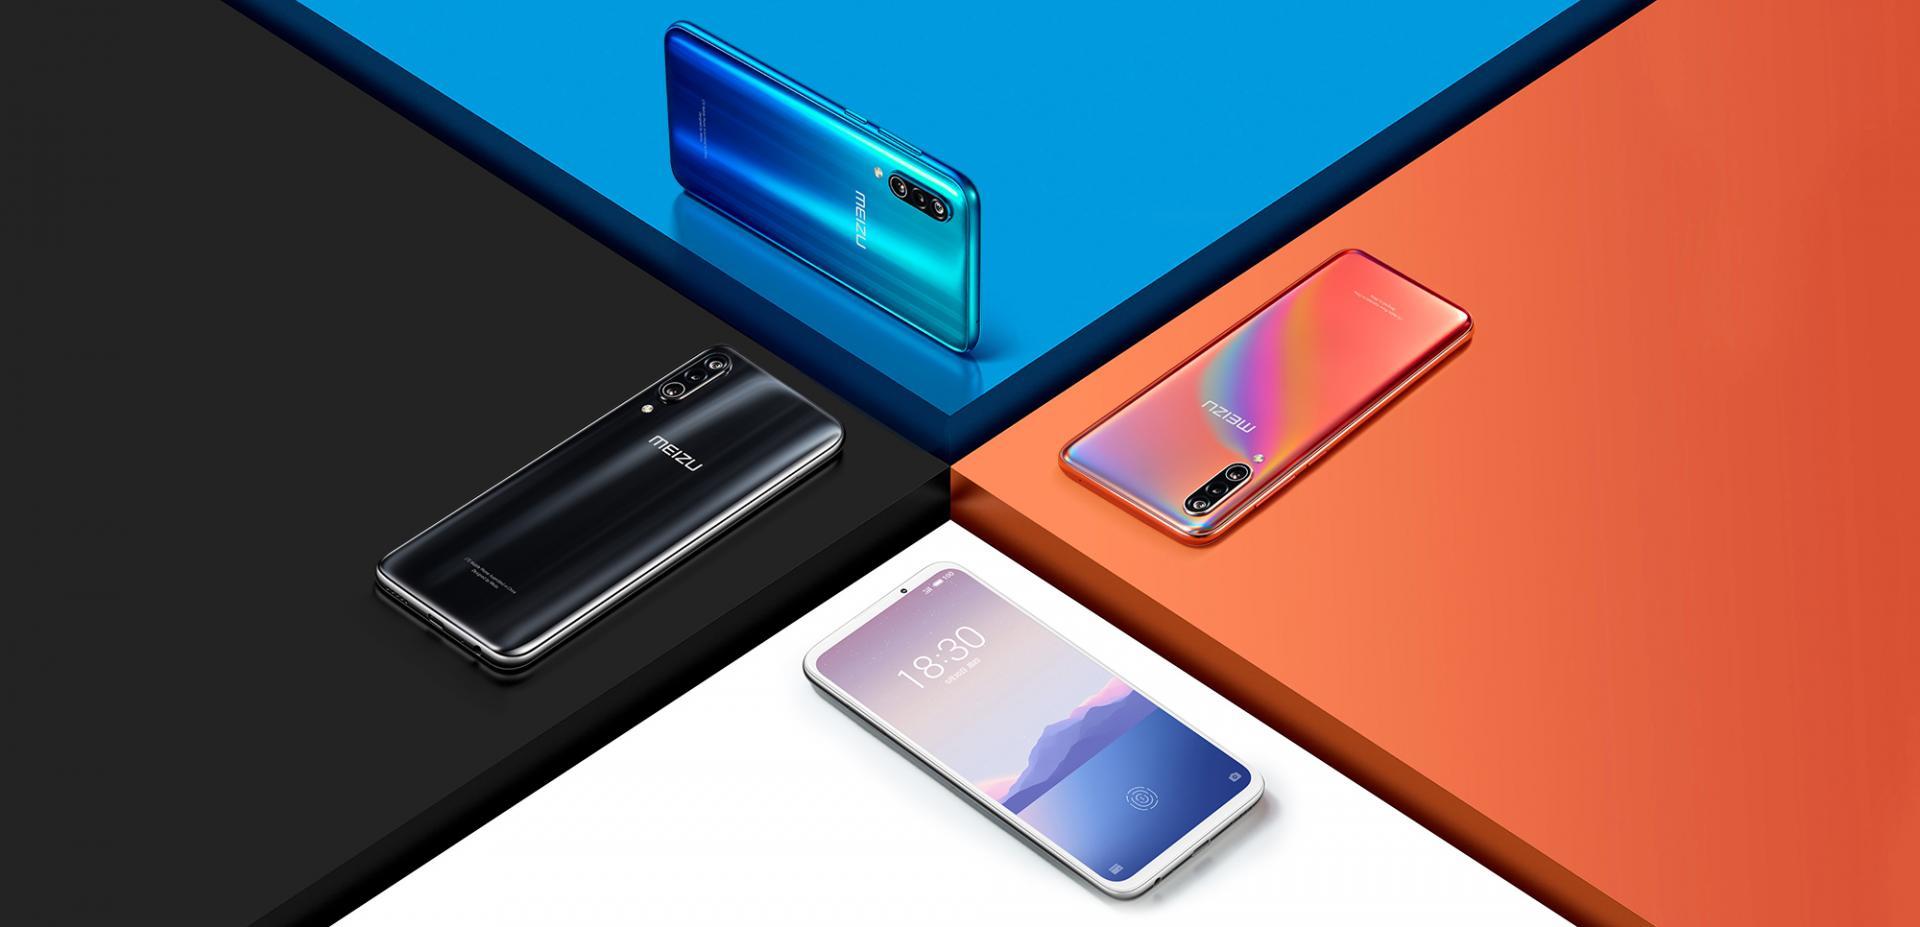 Meizu составит конкуренцию Xiaomi иHonor вРоссии. Смартфоны возвращаются